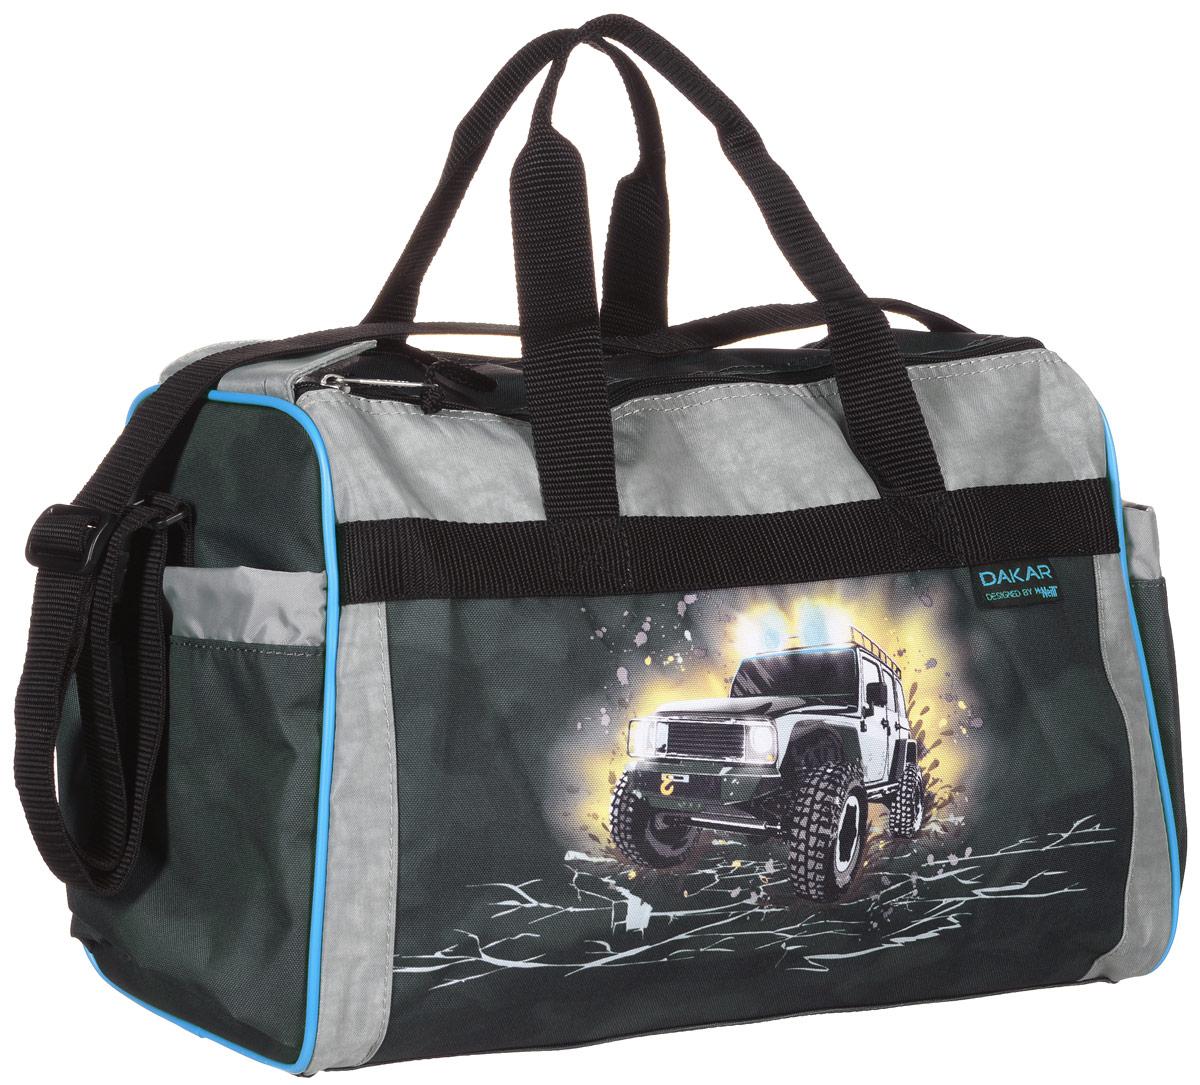 McNeill Сумка детская Дакар9105154000Спортивная сумка McNeill Дакар выполнена из высококачественного материала серого цвета и оформлена рисунком с внедорожником. Сумка состоит из одного вместительного отделения, закрывающегося на две застежки-молнии и липучку. Бегунки на застежках соединены текстильным шнурком. На внешней стороне сумки расположен объемный втачной карман для обуви, закрывающийся на застежку-молнию. По бокам находятся два накладных кармана, затягивающиеся сверху текстильными шнурками с фиксаторами. Спортивная сумка оснащена двумя текстильными ручками для переноски в руке и плечевым ремнем, регулируемым по длине. На дне сумки расположены четыре широкие пластиковые ножки, которые защитят ее от грязи и продлят срок службы.